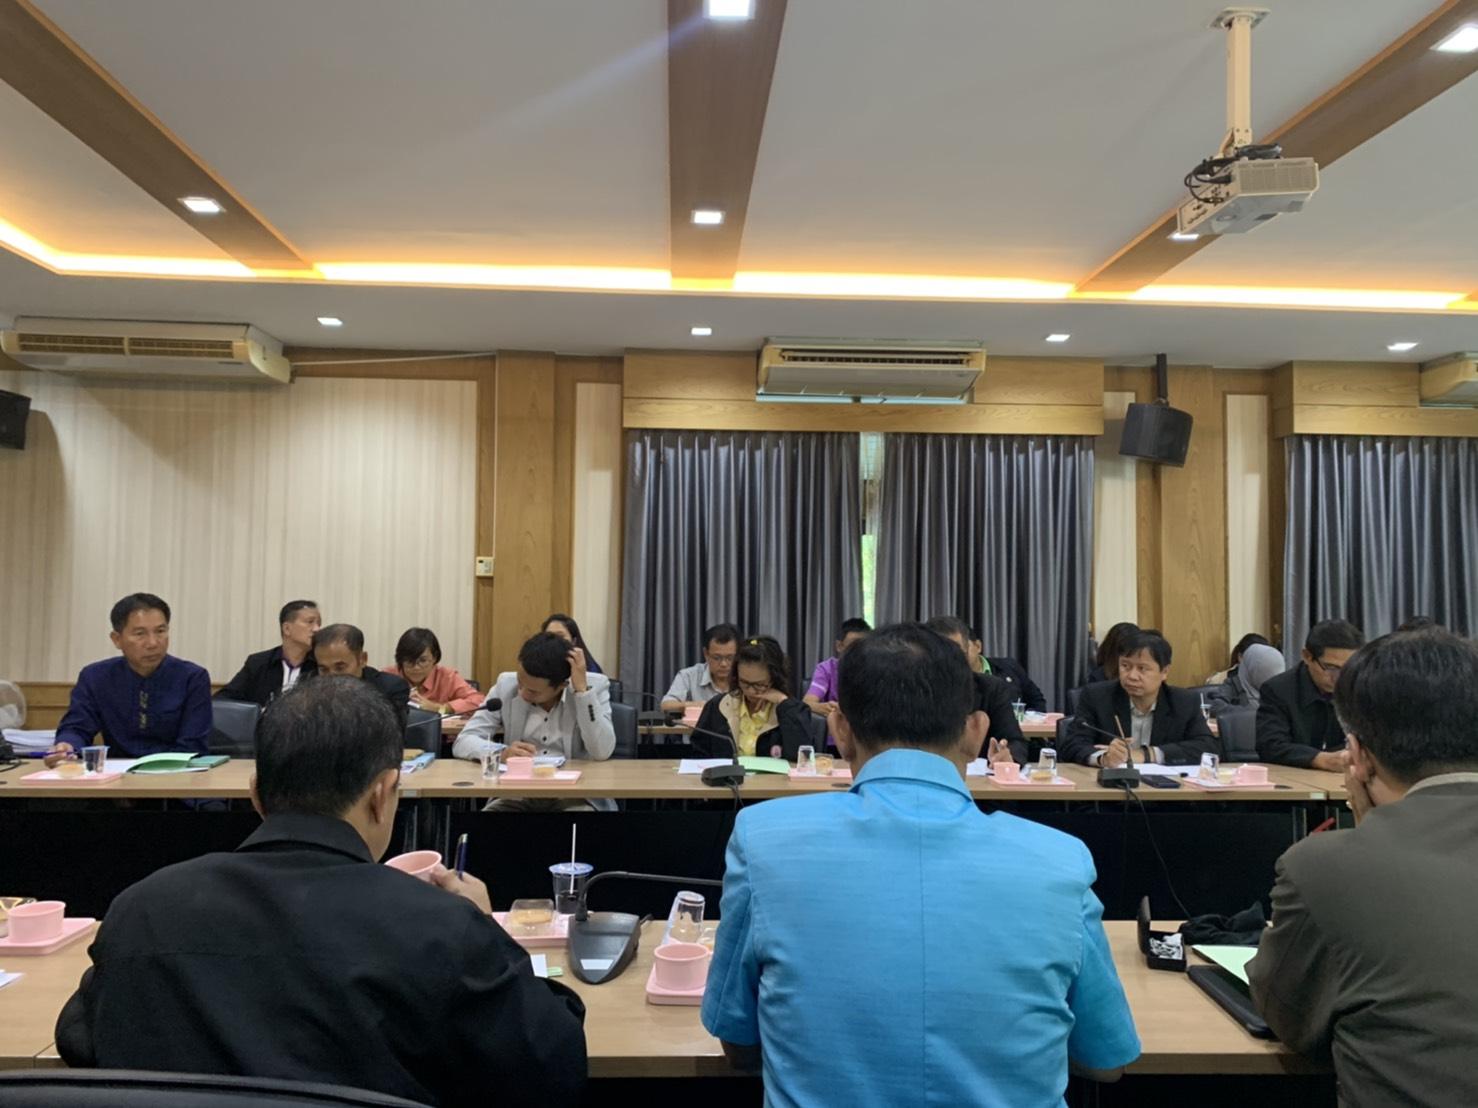 สำนักงานแรงงานจังหวัดนนทบุรีเข้าร่วมประชุมโครงการคลินิกเกษตรเคลื่อนที่ ปีงบประมาณ พ.ศ. 2563 ไตรมาสที่ 1